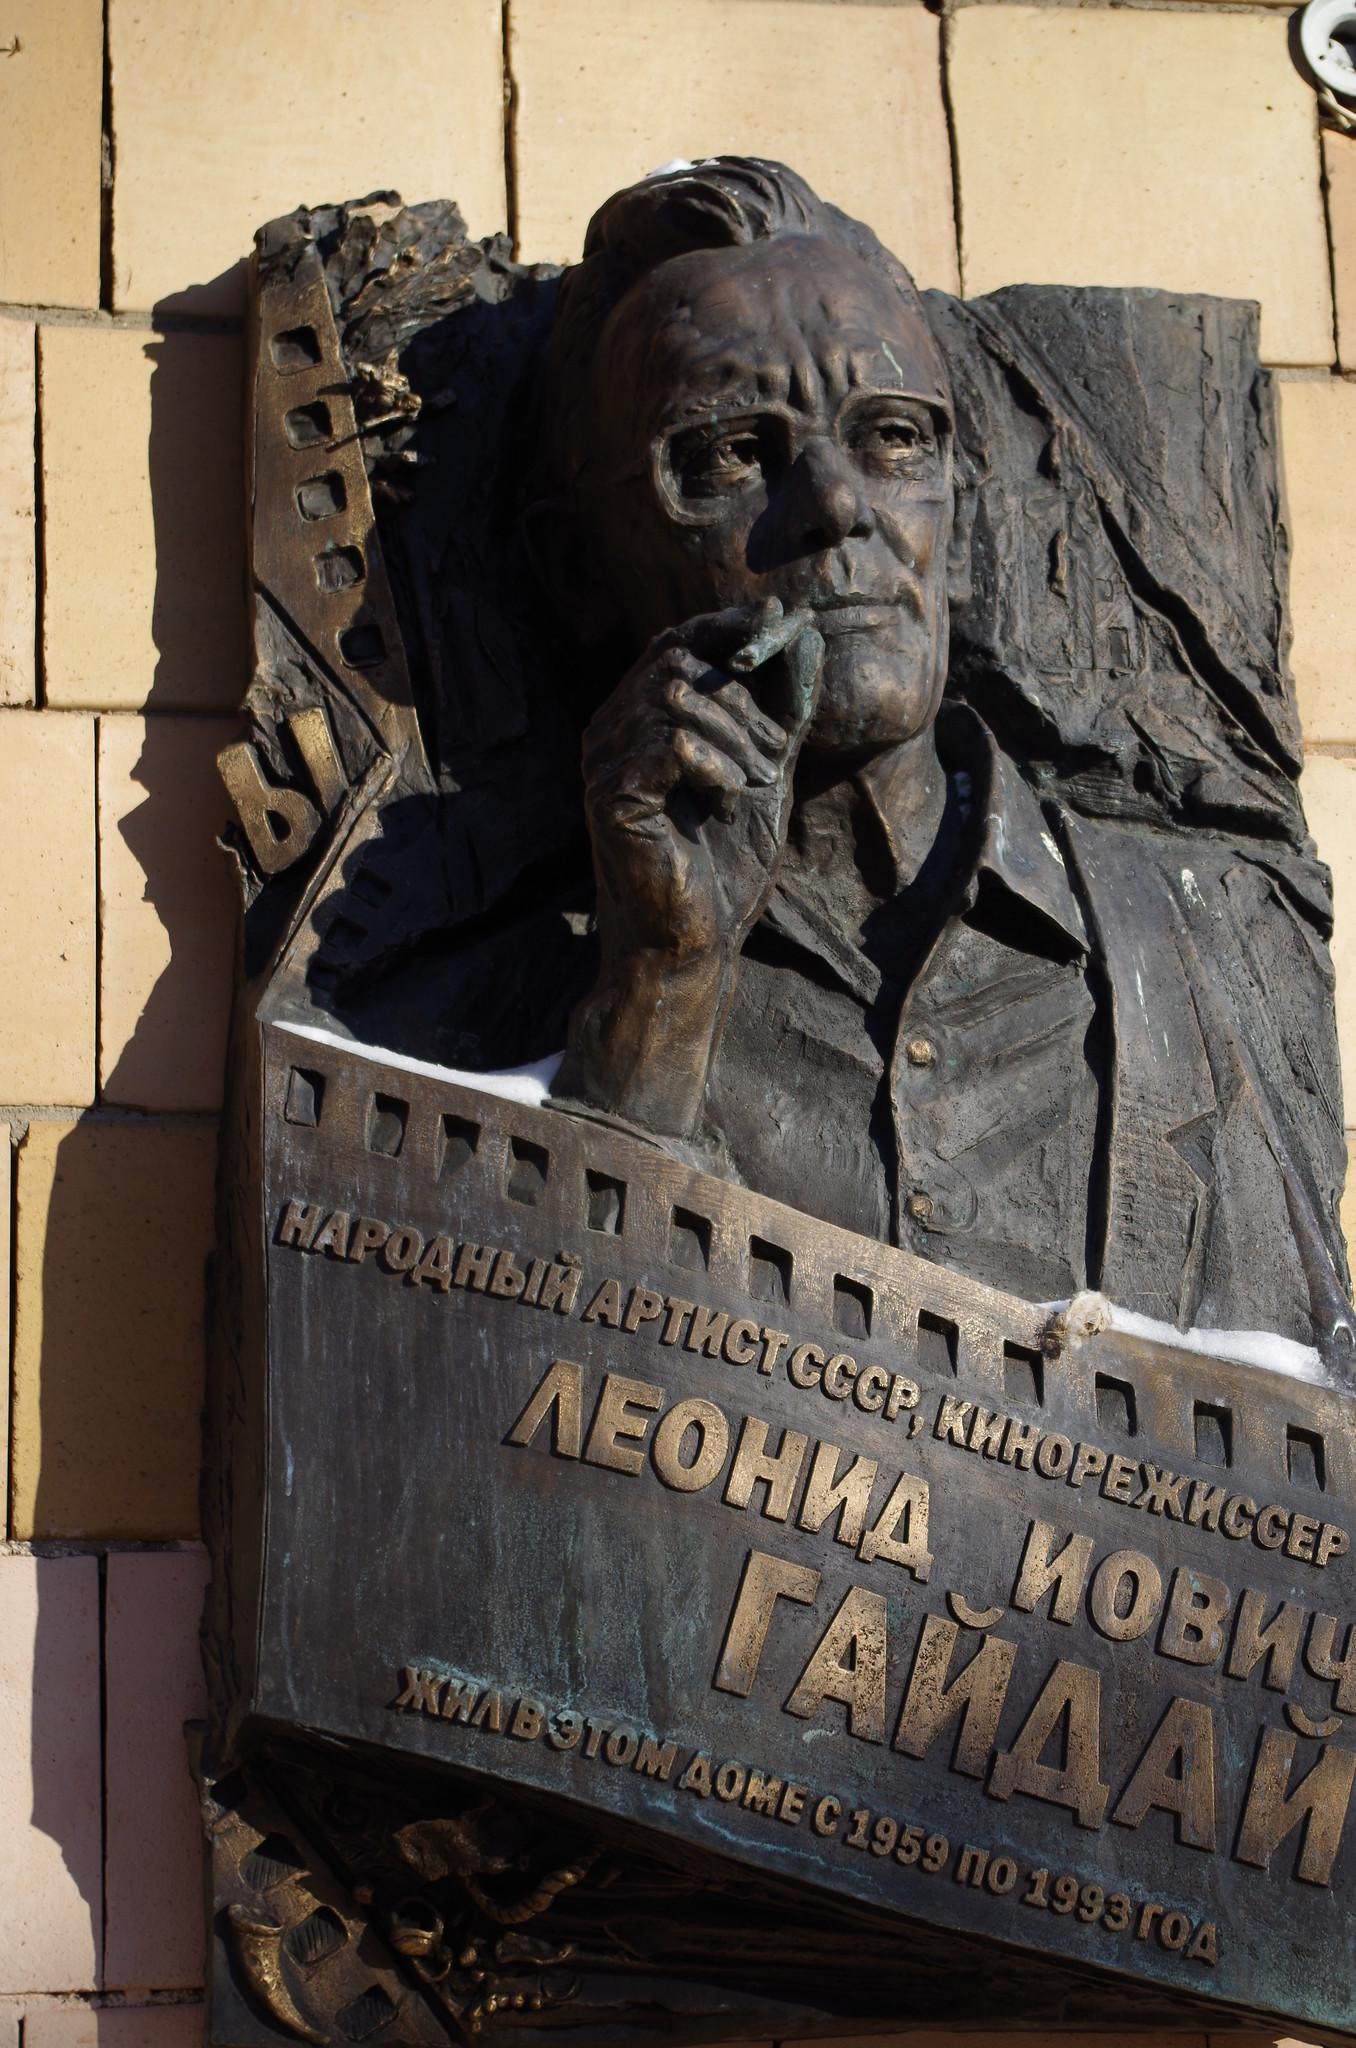 Мемориальная доска Леониду Иовичу Гайдаю на доме 5, корпус 1 по улице Черняховского в Москве